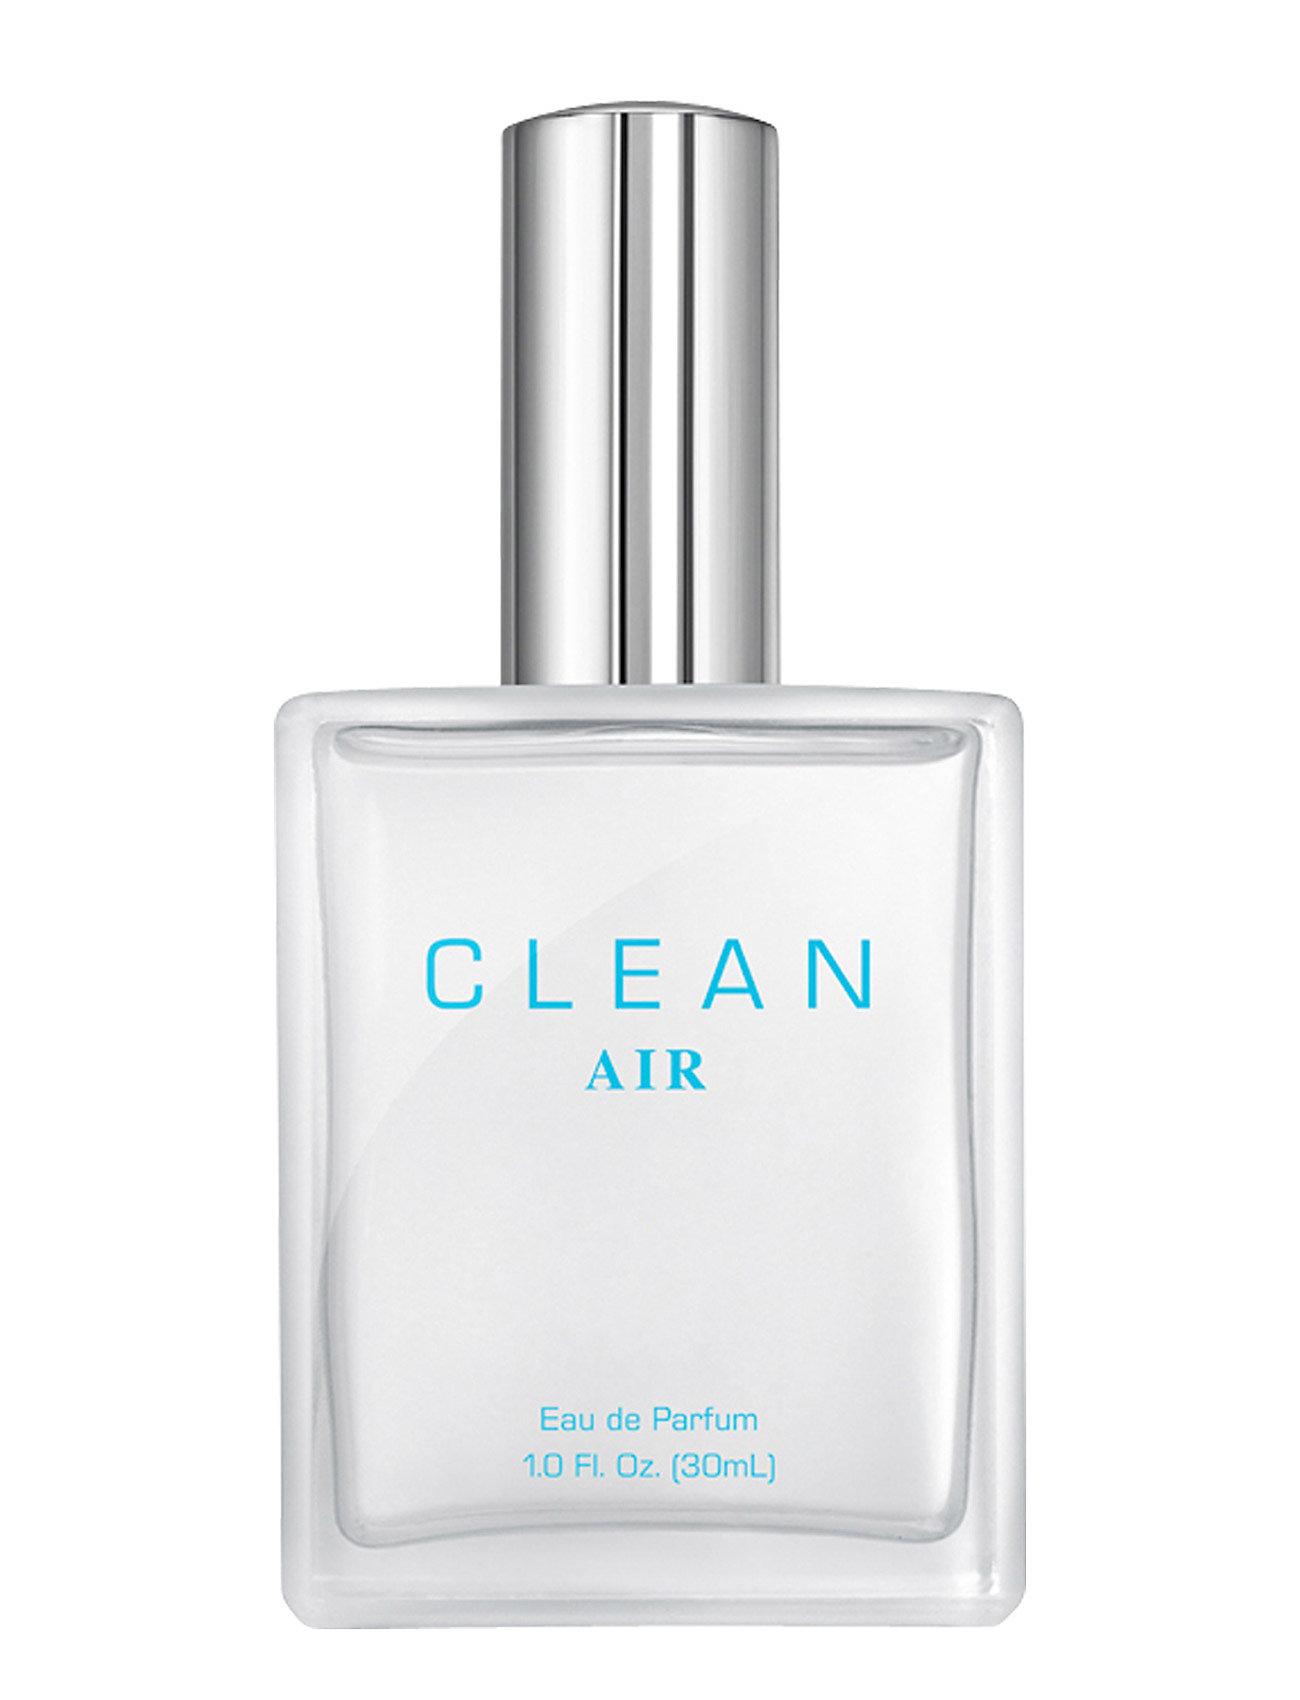 clean – Air på boozt.com dk